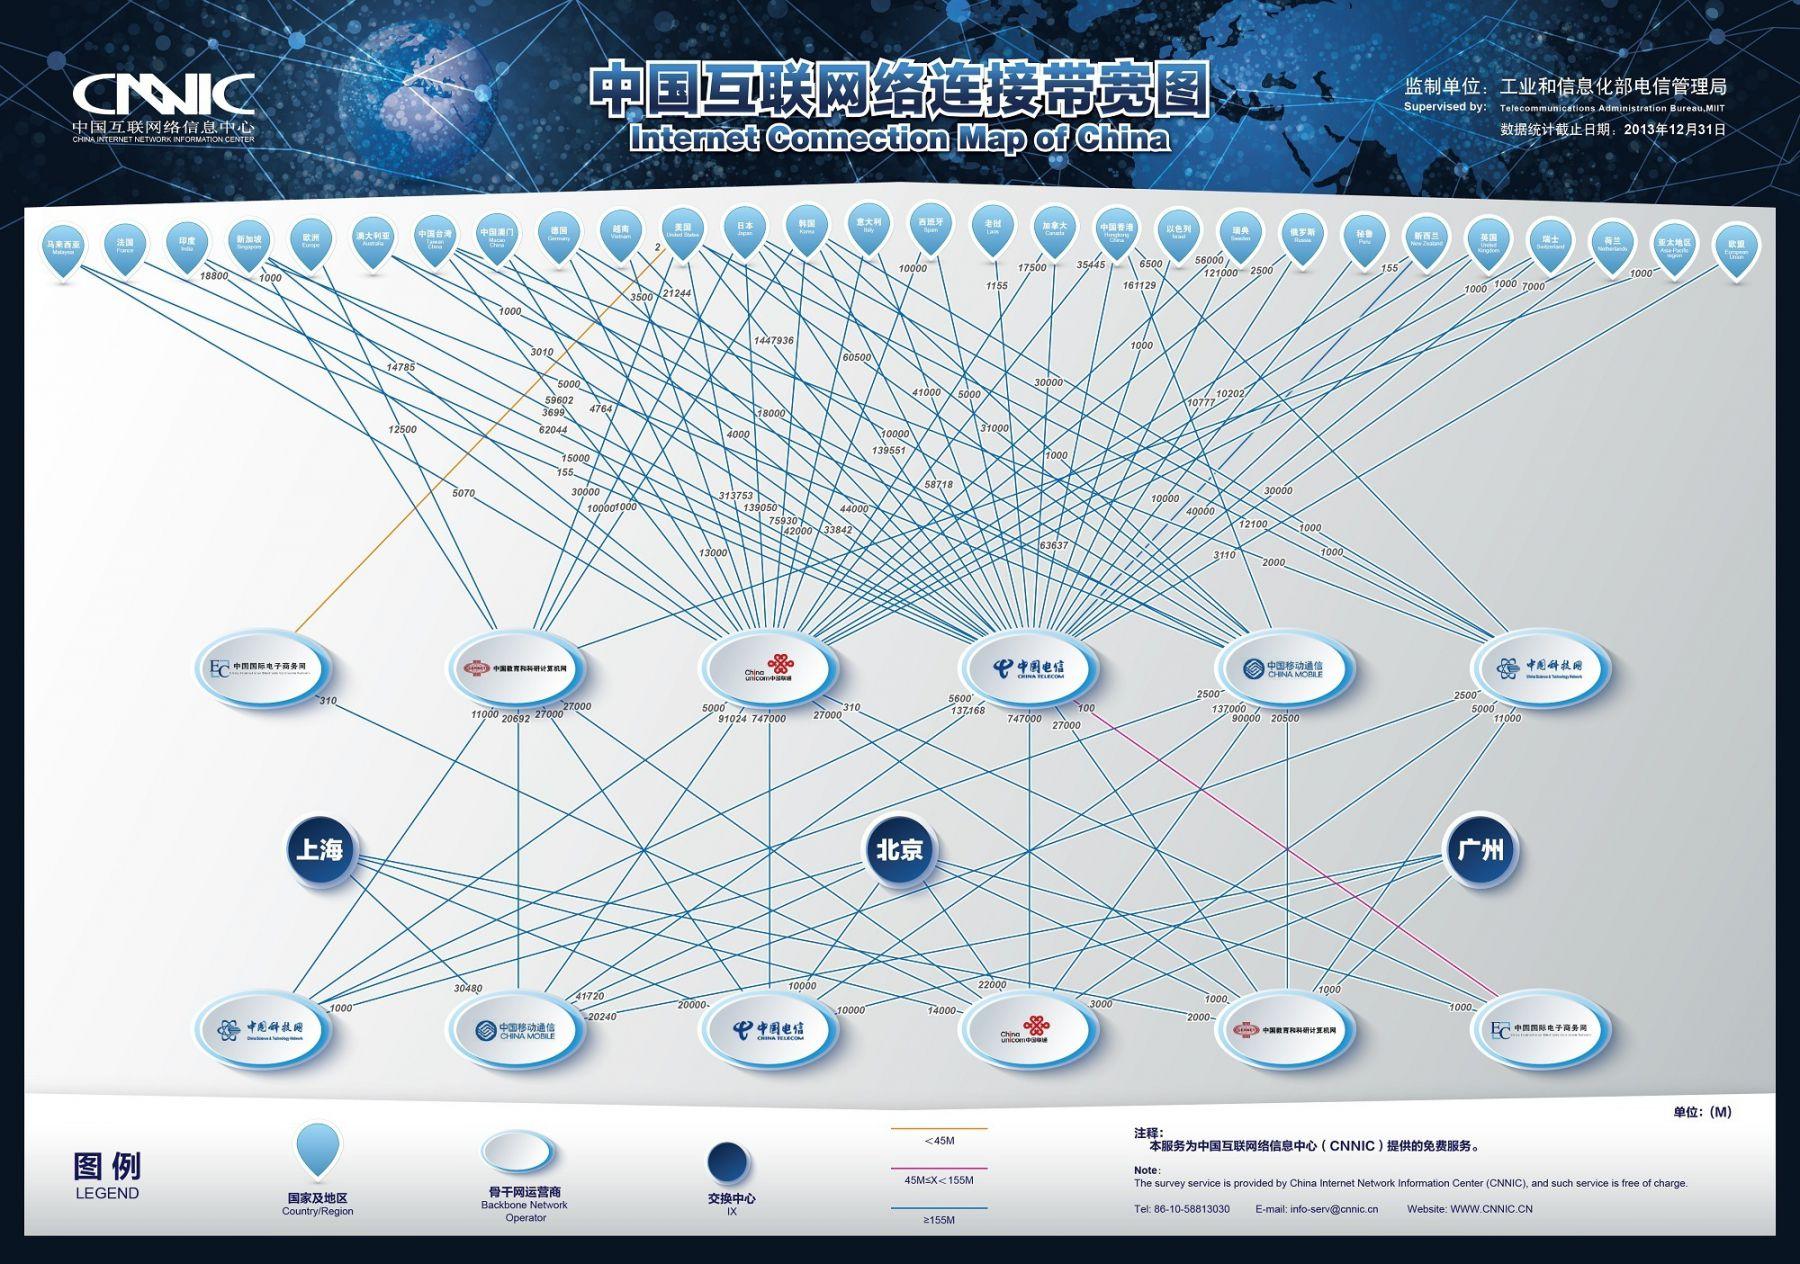 中国互联网络连接带宽图